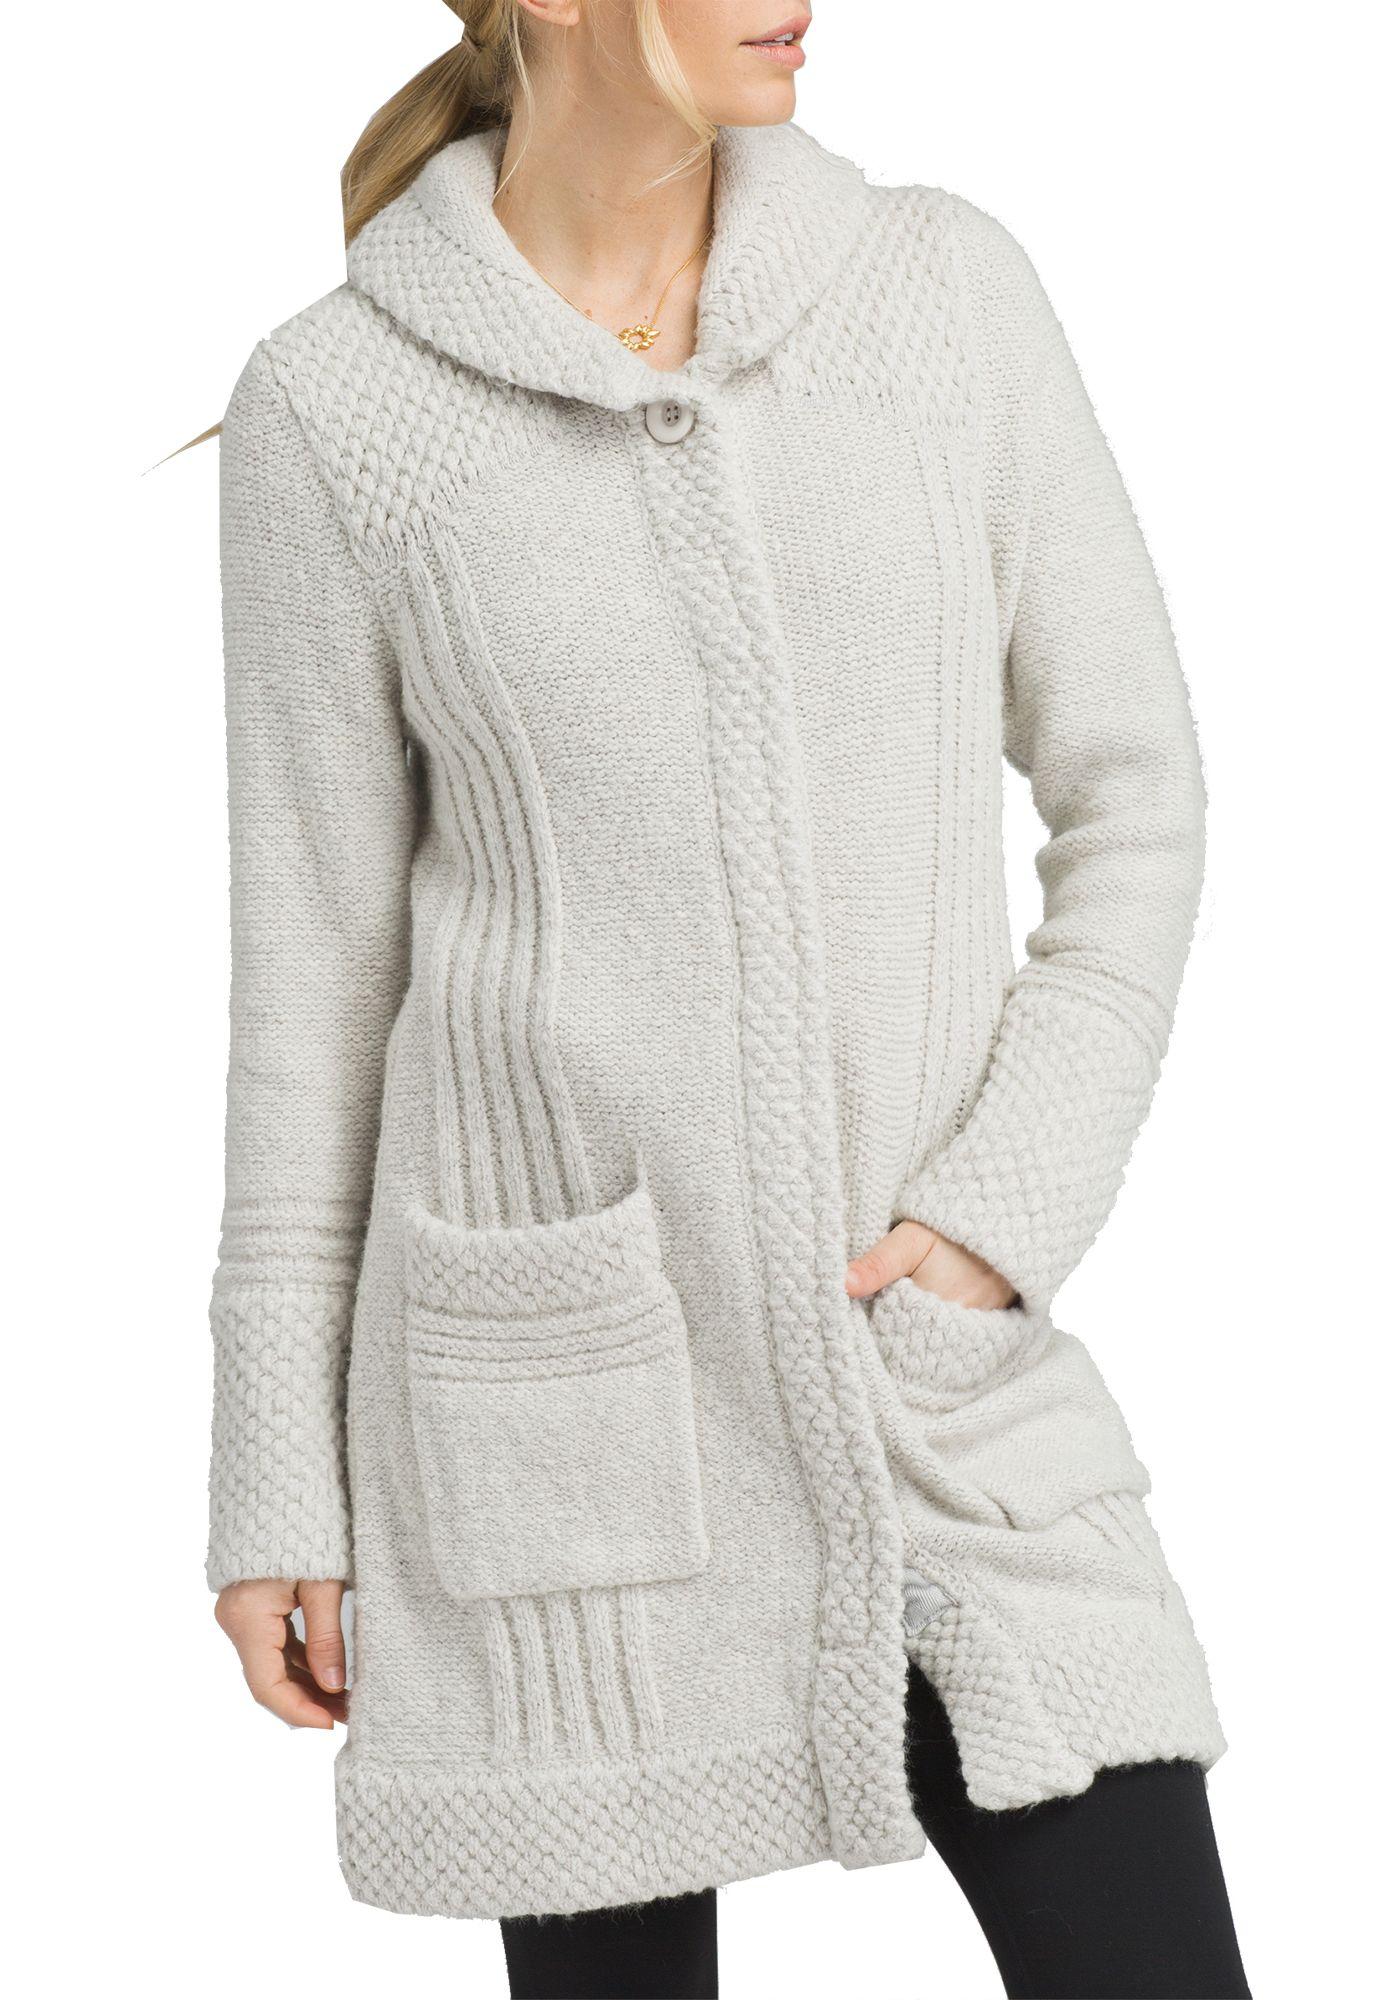 prAna Women's Elsin Sweater Jacket